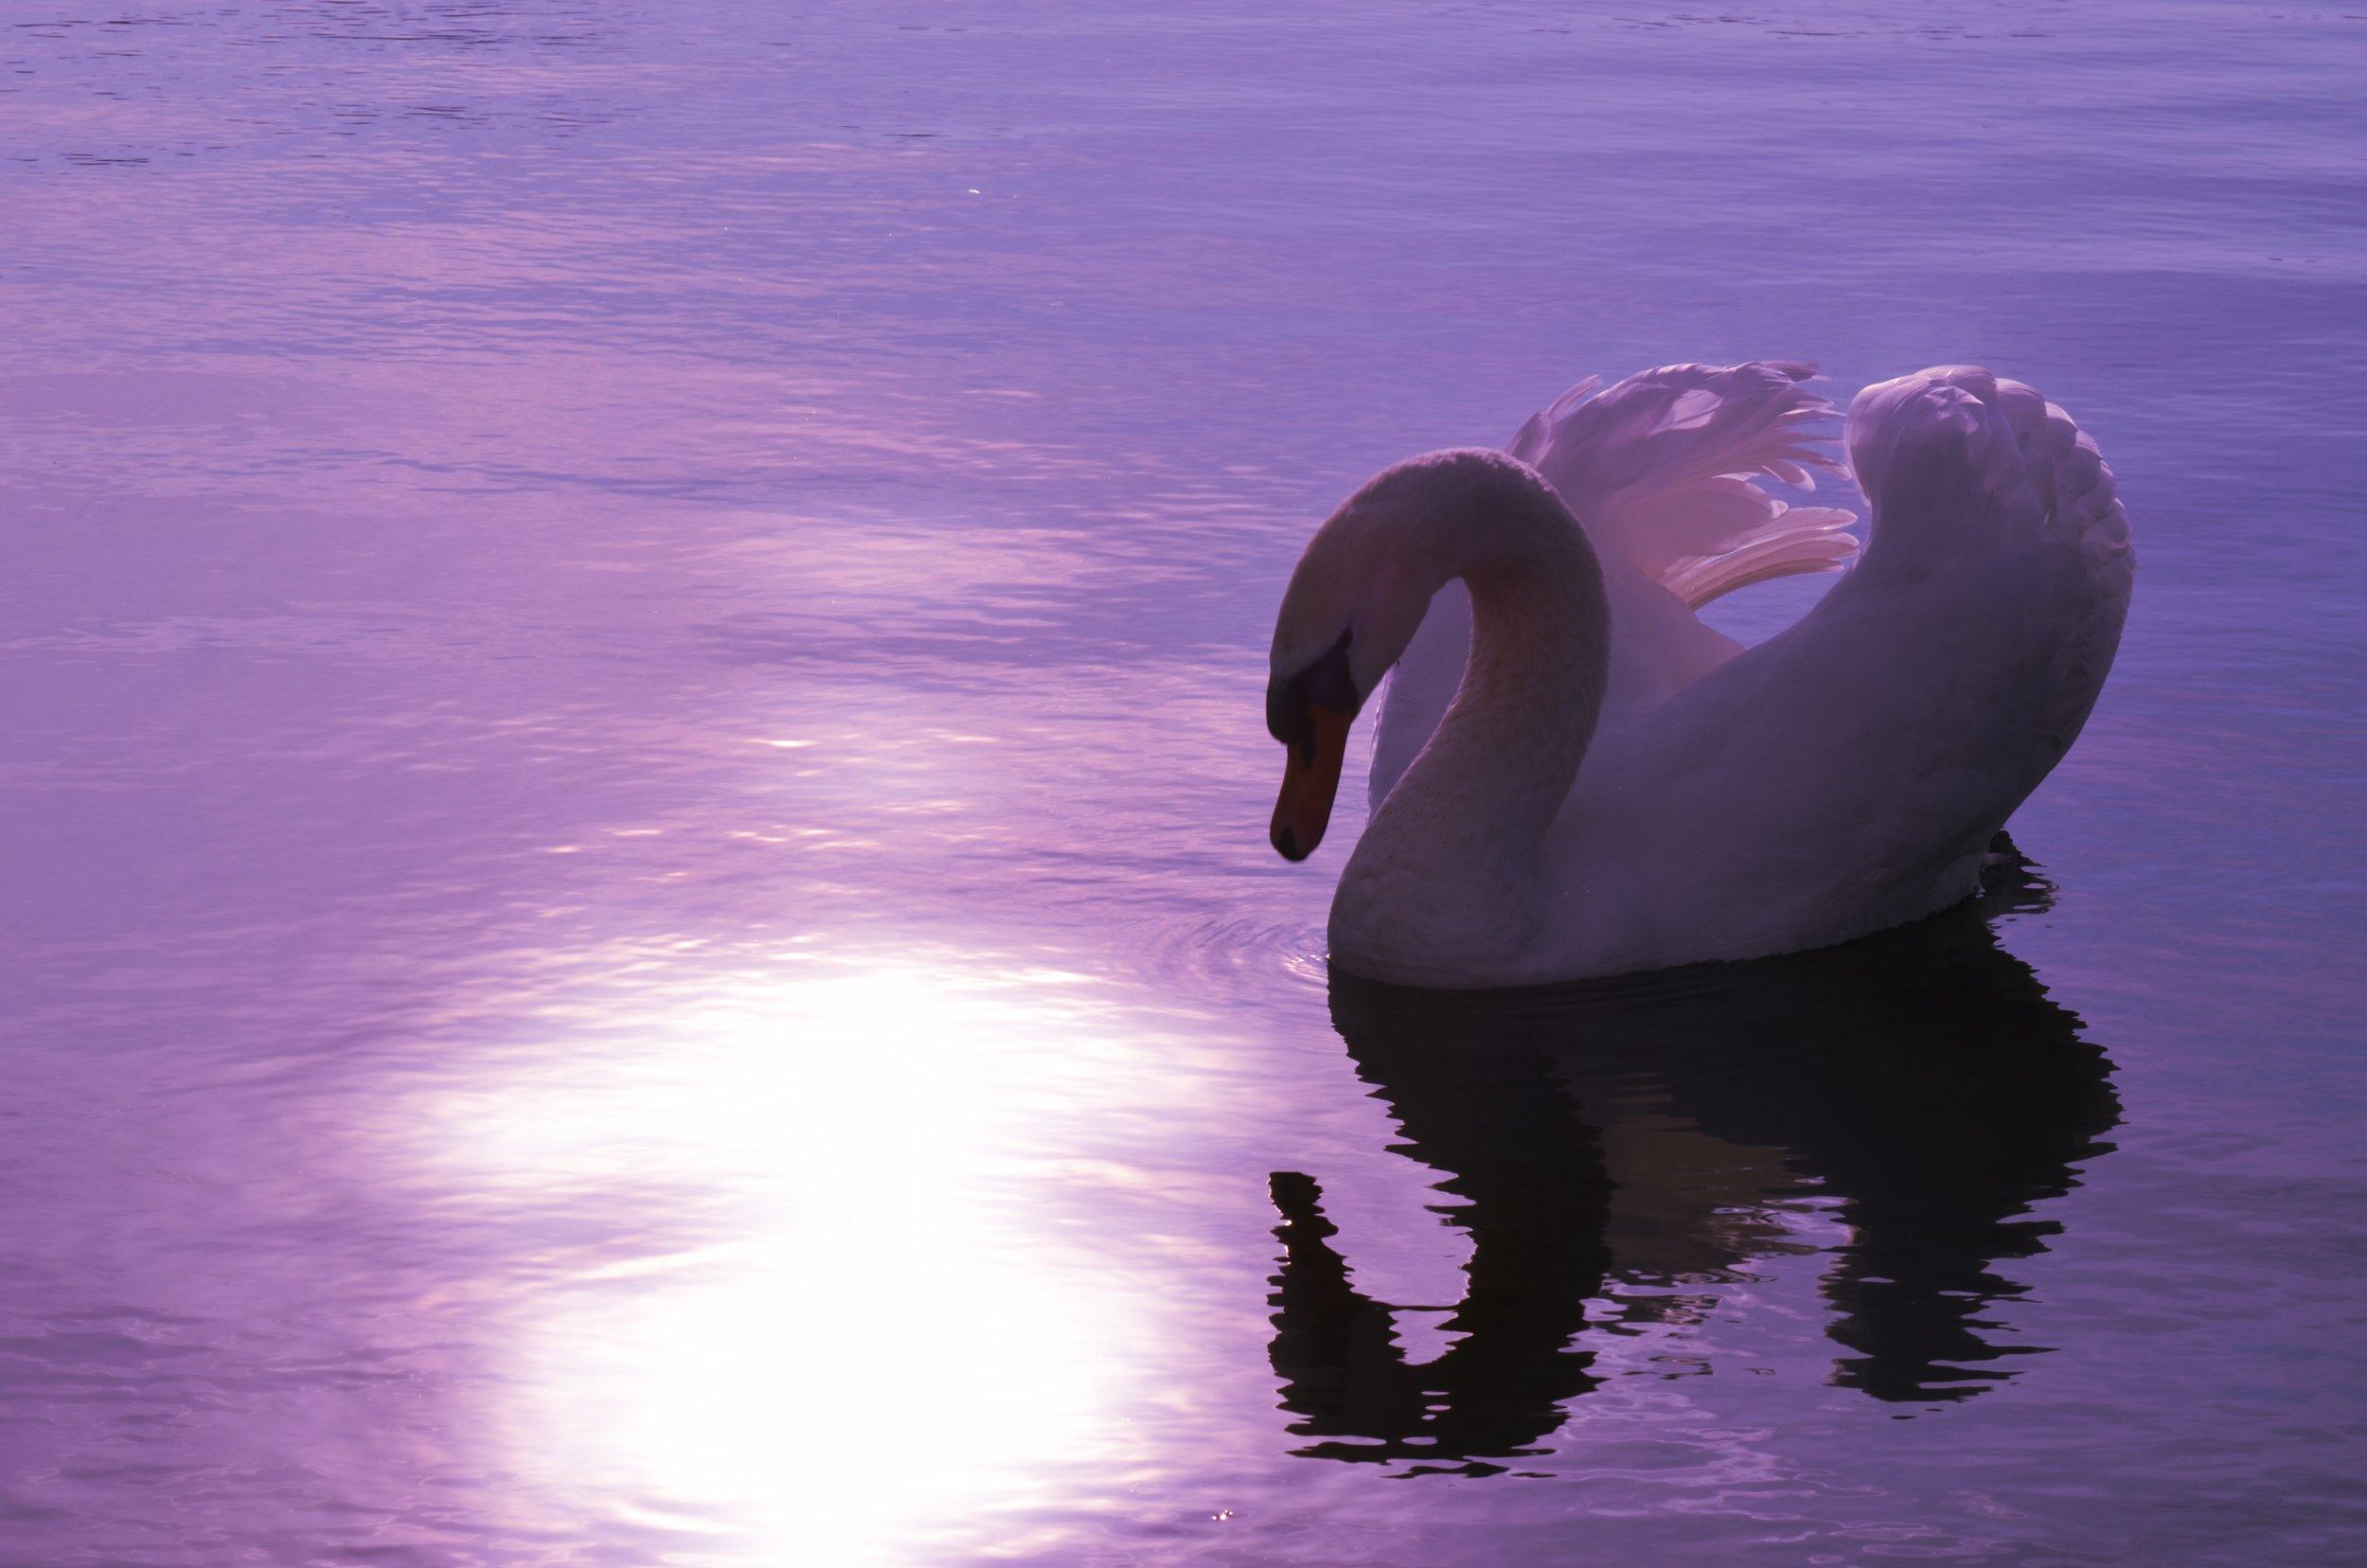 swan-1229503.jpg